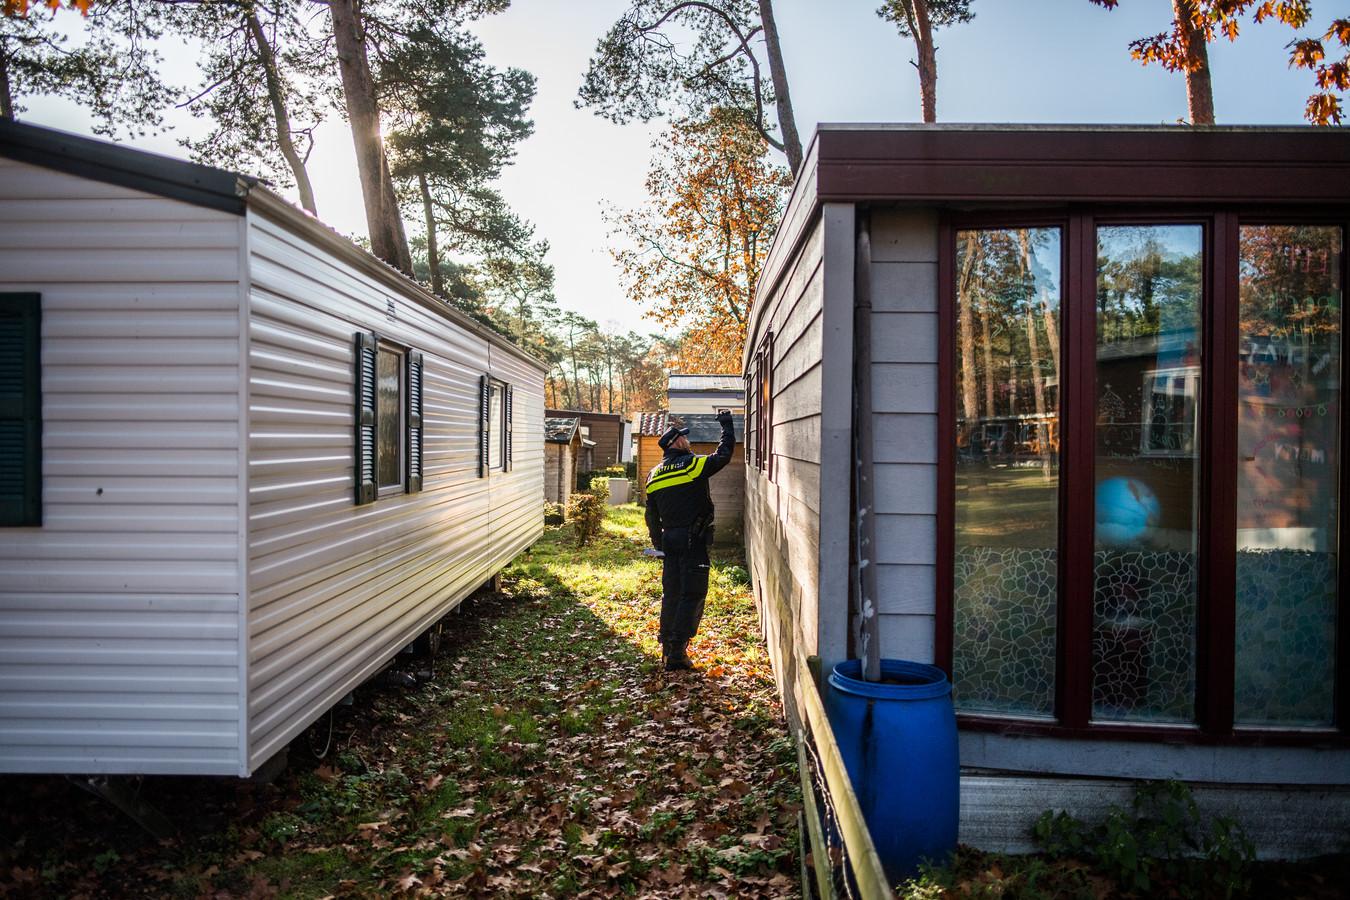 Eind vorige maand had een controle op Vakantiepark Arnhem plaats door politie en gemeente. Toen werd vastgesteld dat er 240 mensen permanent wonen. Daar mag van de gemeenteraad vanaf nu niemand meer bij.